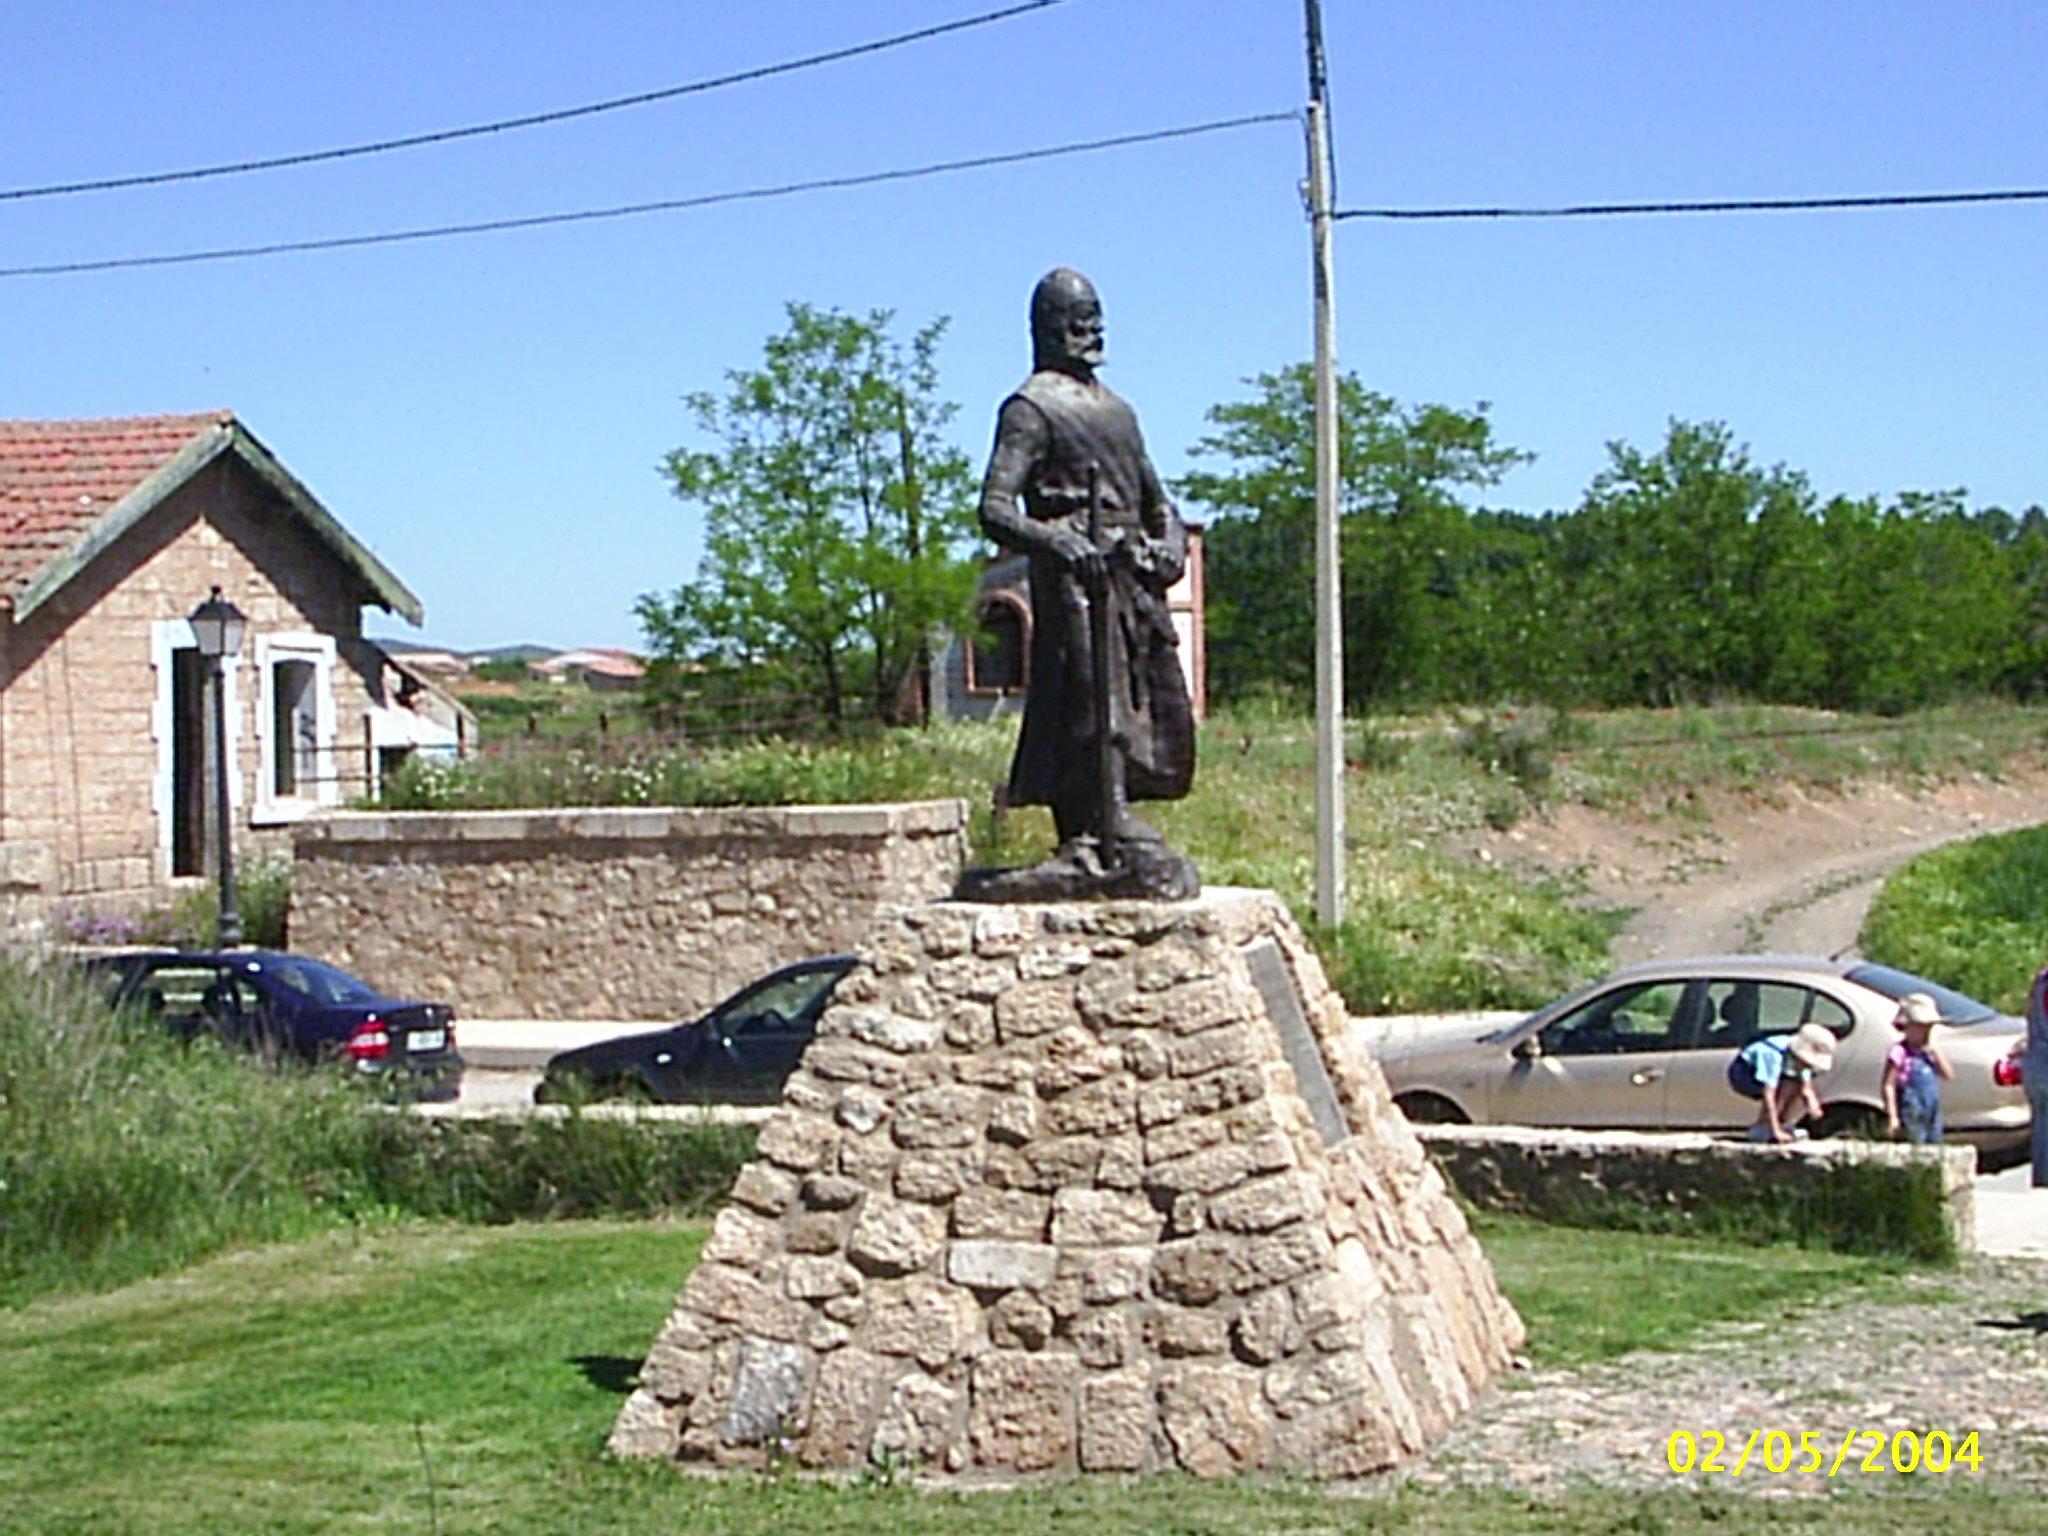 File:Estatuadel Cid en El Poyo del Cid (Teruel).JPG.